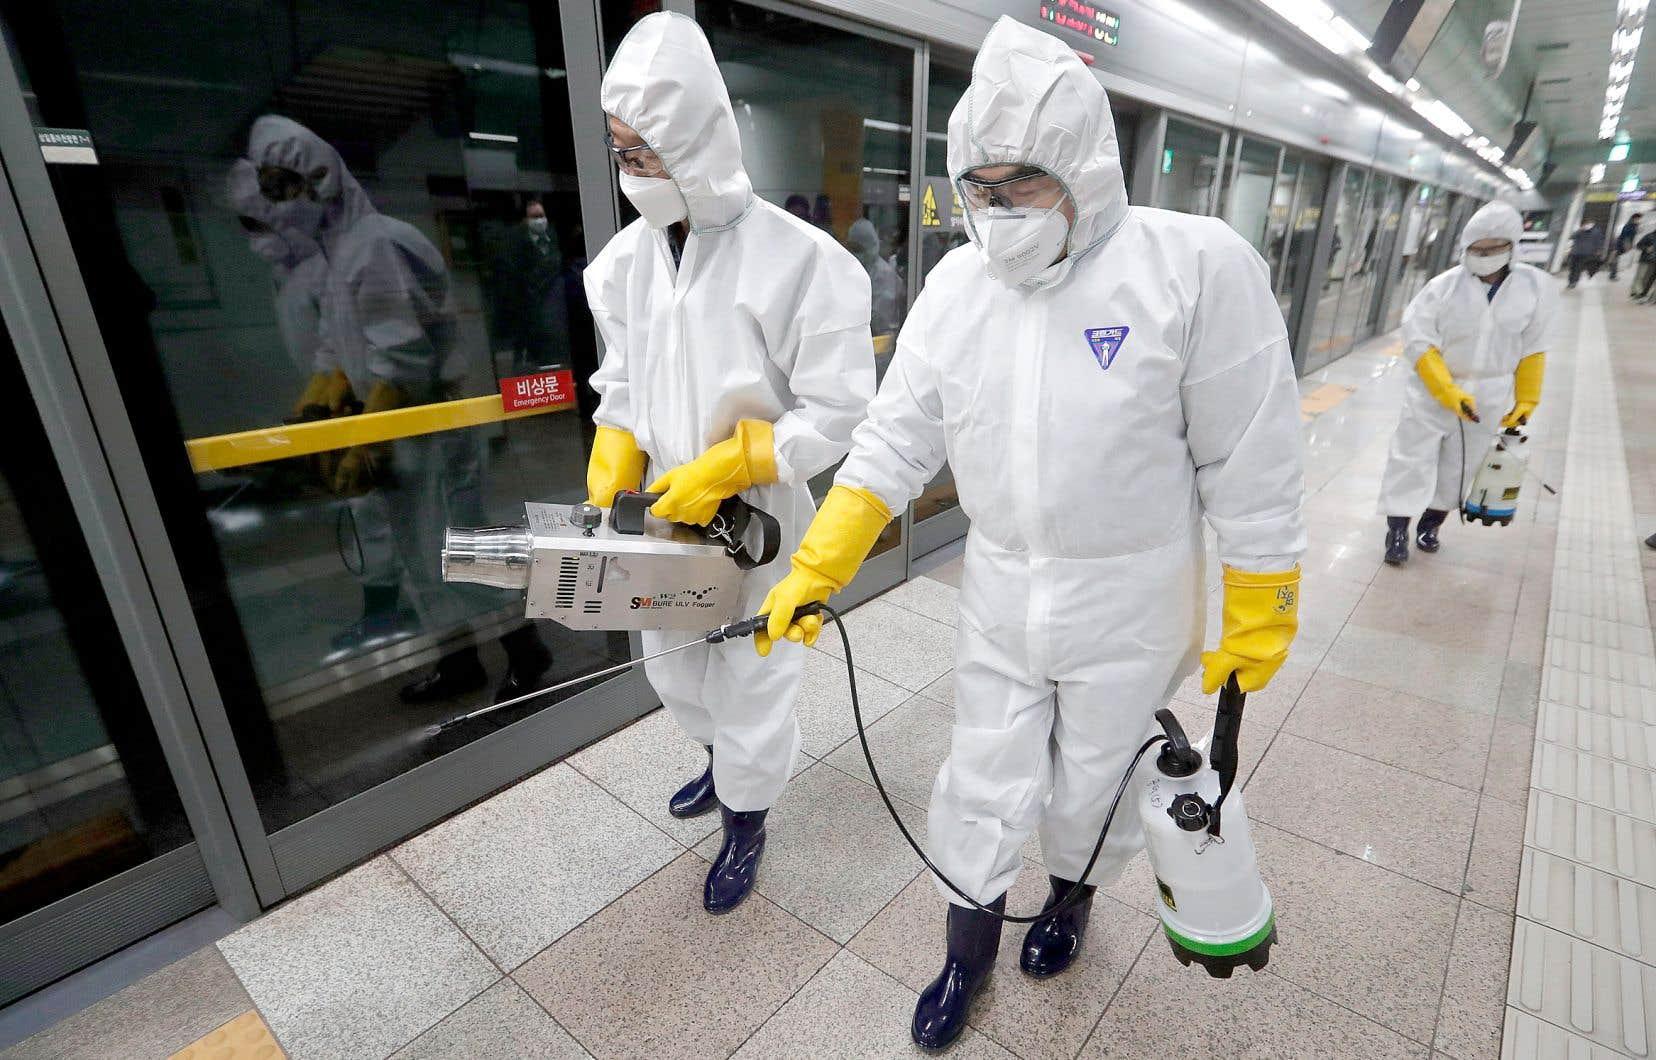 Des préposés se sont affairés à désinfecter les stations de métro de Séoul, en Corée du sud, vendredi, pour lutter contre la propagation du coronavirus.